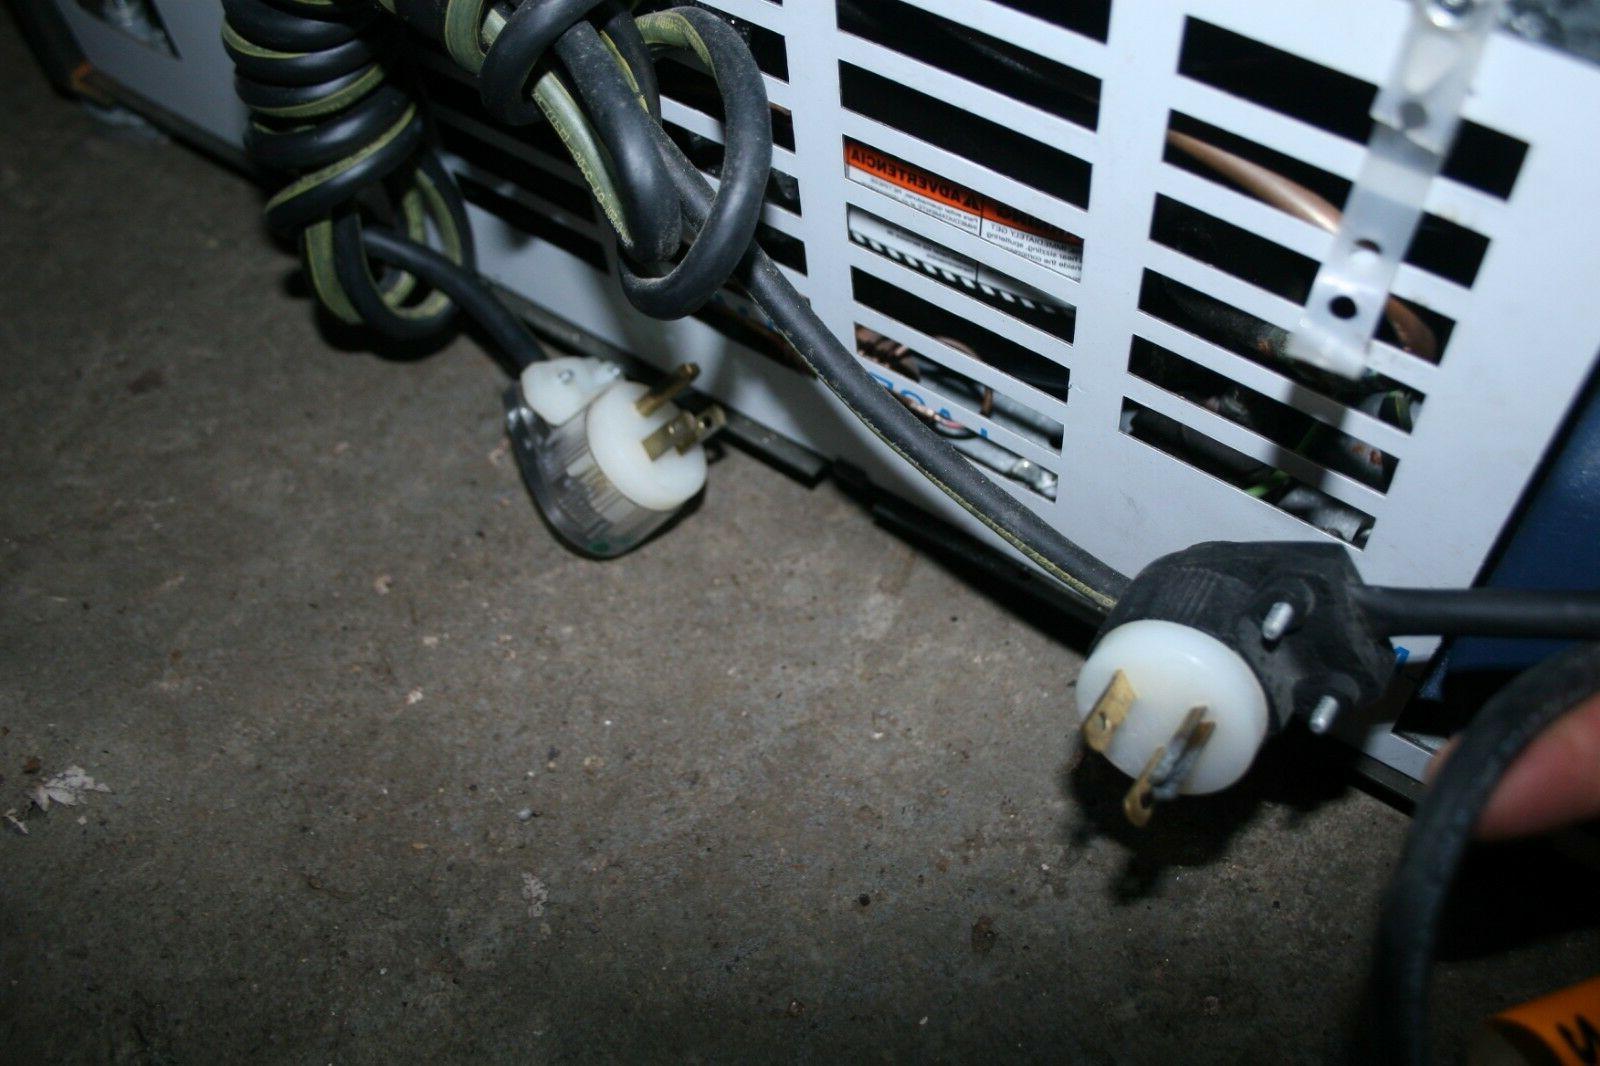 Refrigerator 6CRF0600, 50/60